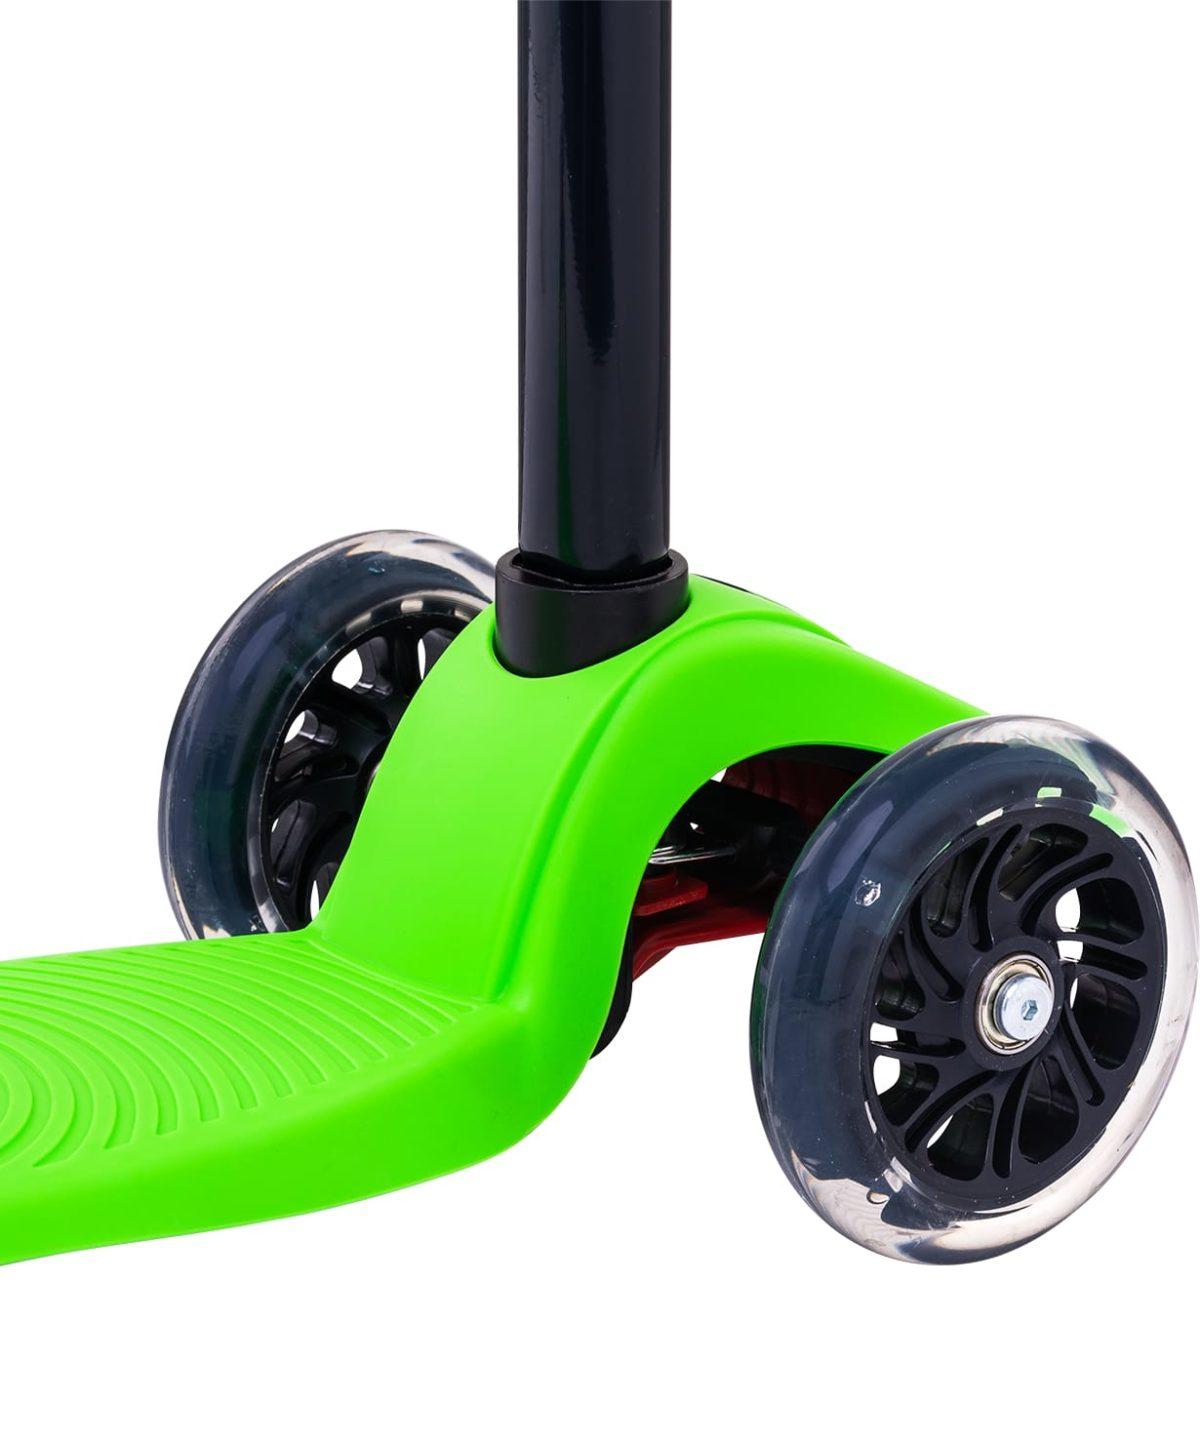 RIDEX Snappy 3D Самокат 3-х колесный 120/80 мм  Snappy: зелёный - 5